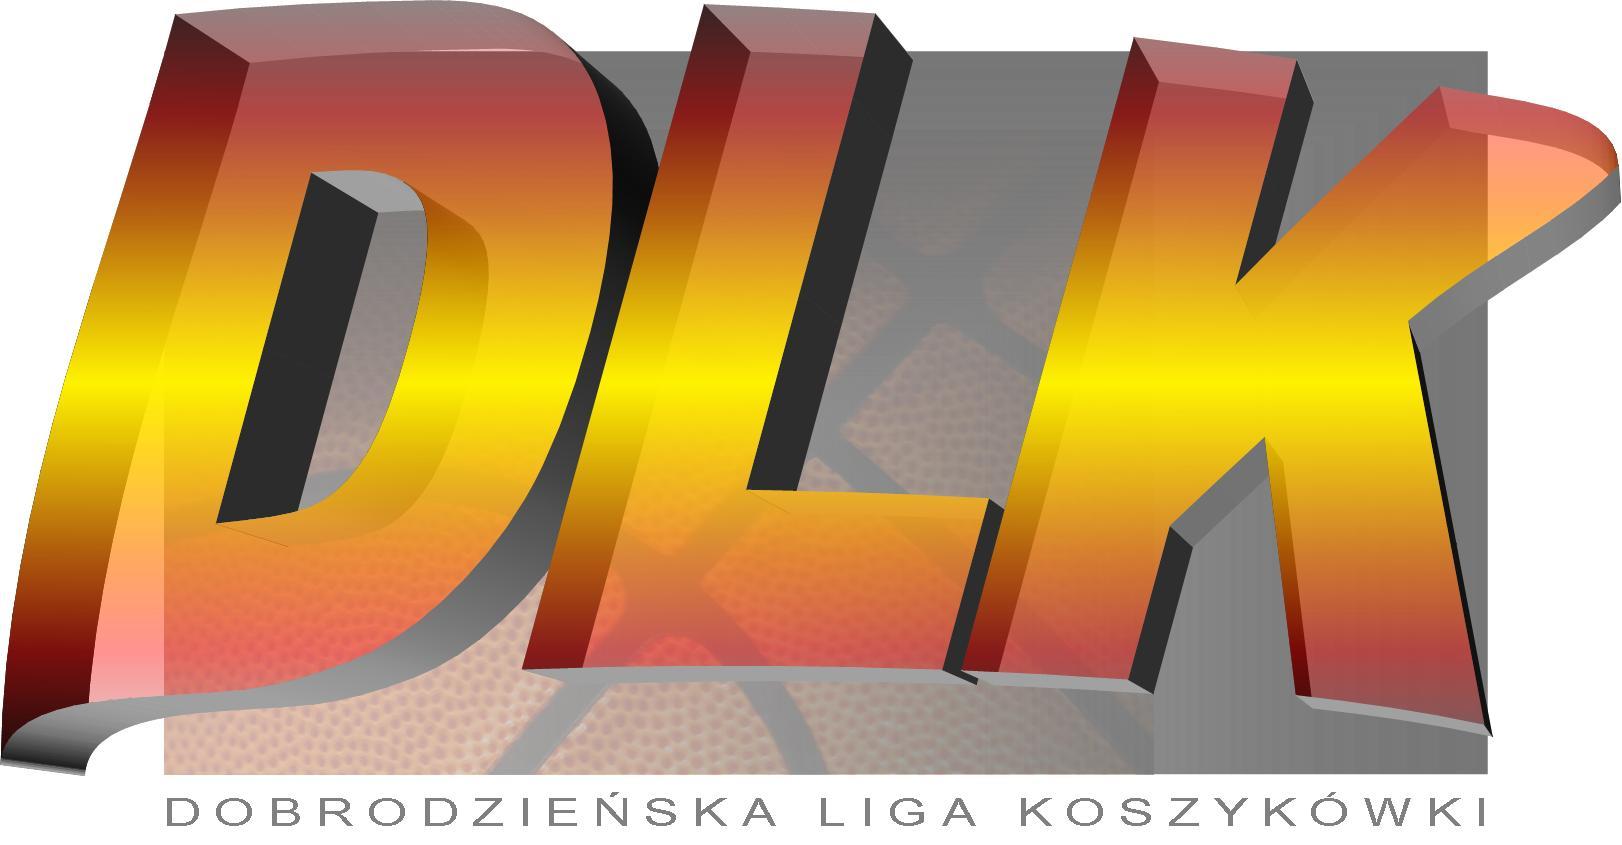 VIII Dobrodzieńska Liga Koszykówki – zapisz się!